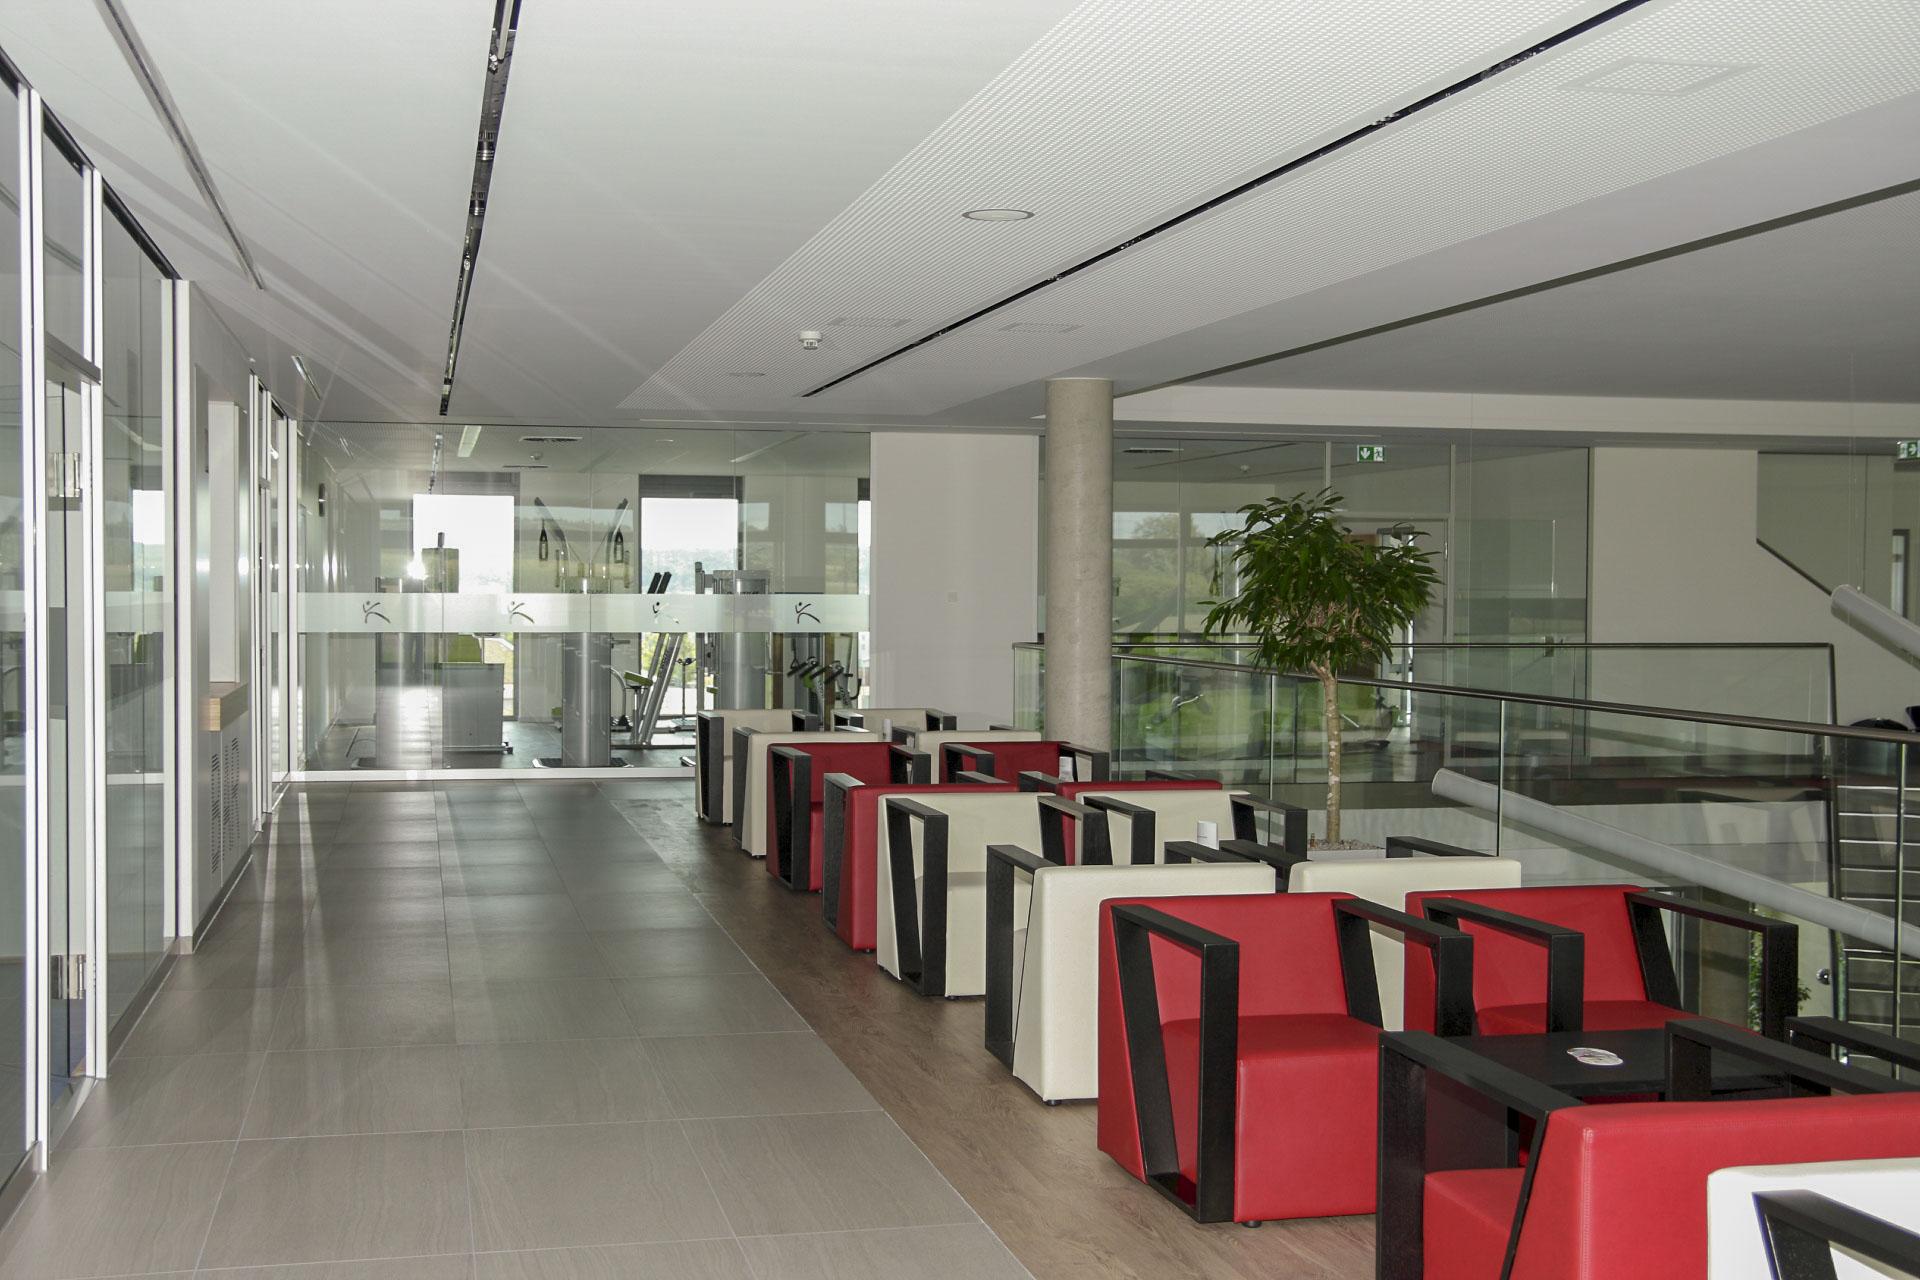 Möbel für Sport-, Fitness- und Wellnessstudios